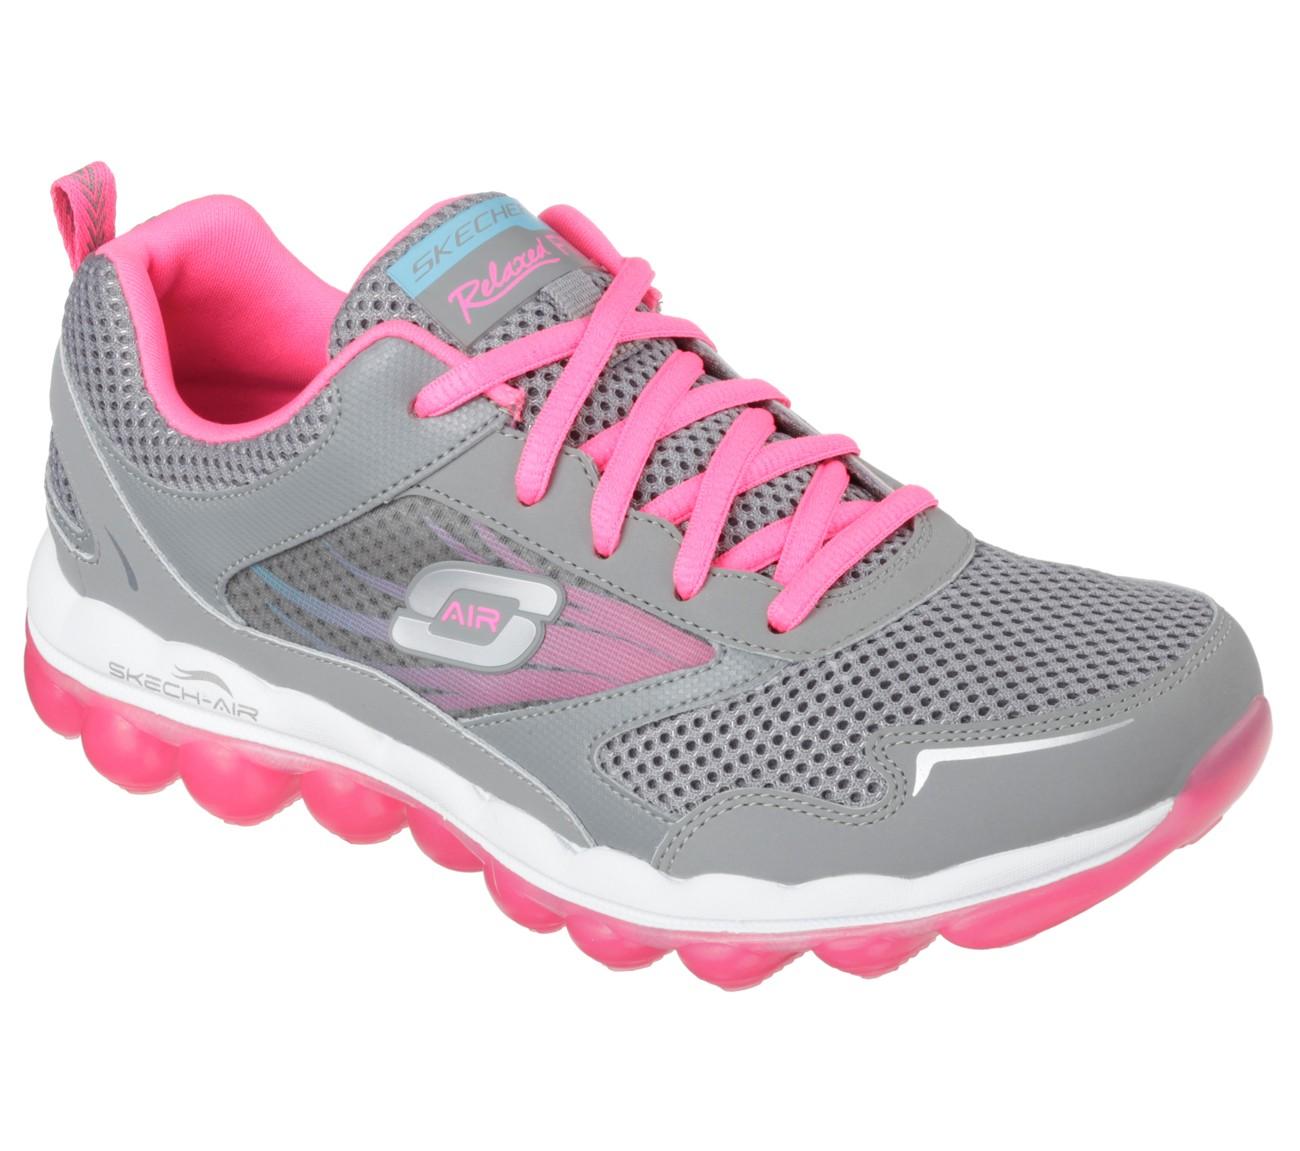 Skechers Bayan Yürüyüş Ayakkabısı Modelleri-Ayakkabı Modelleri (1)